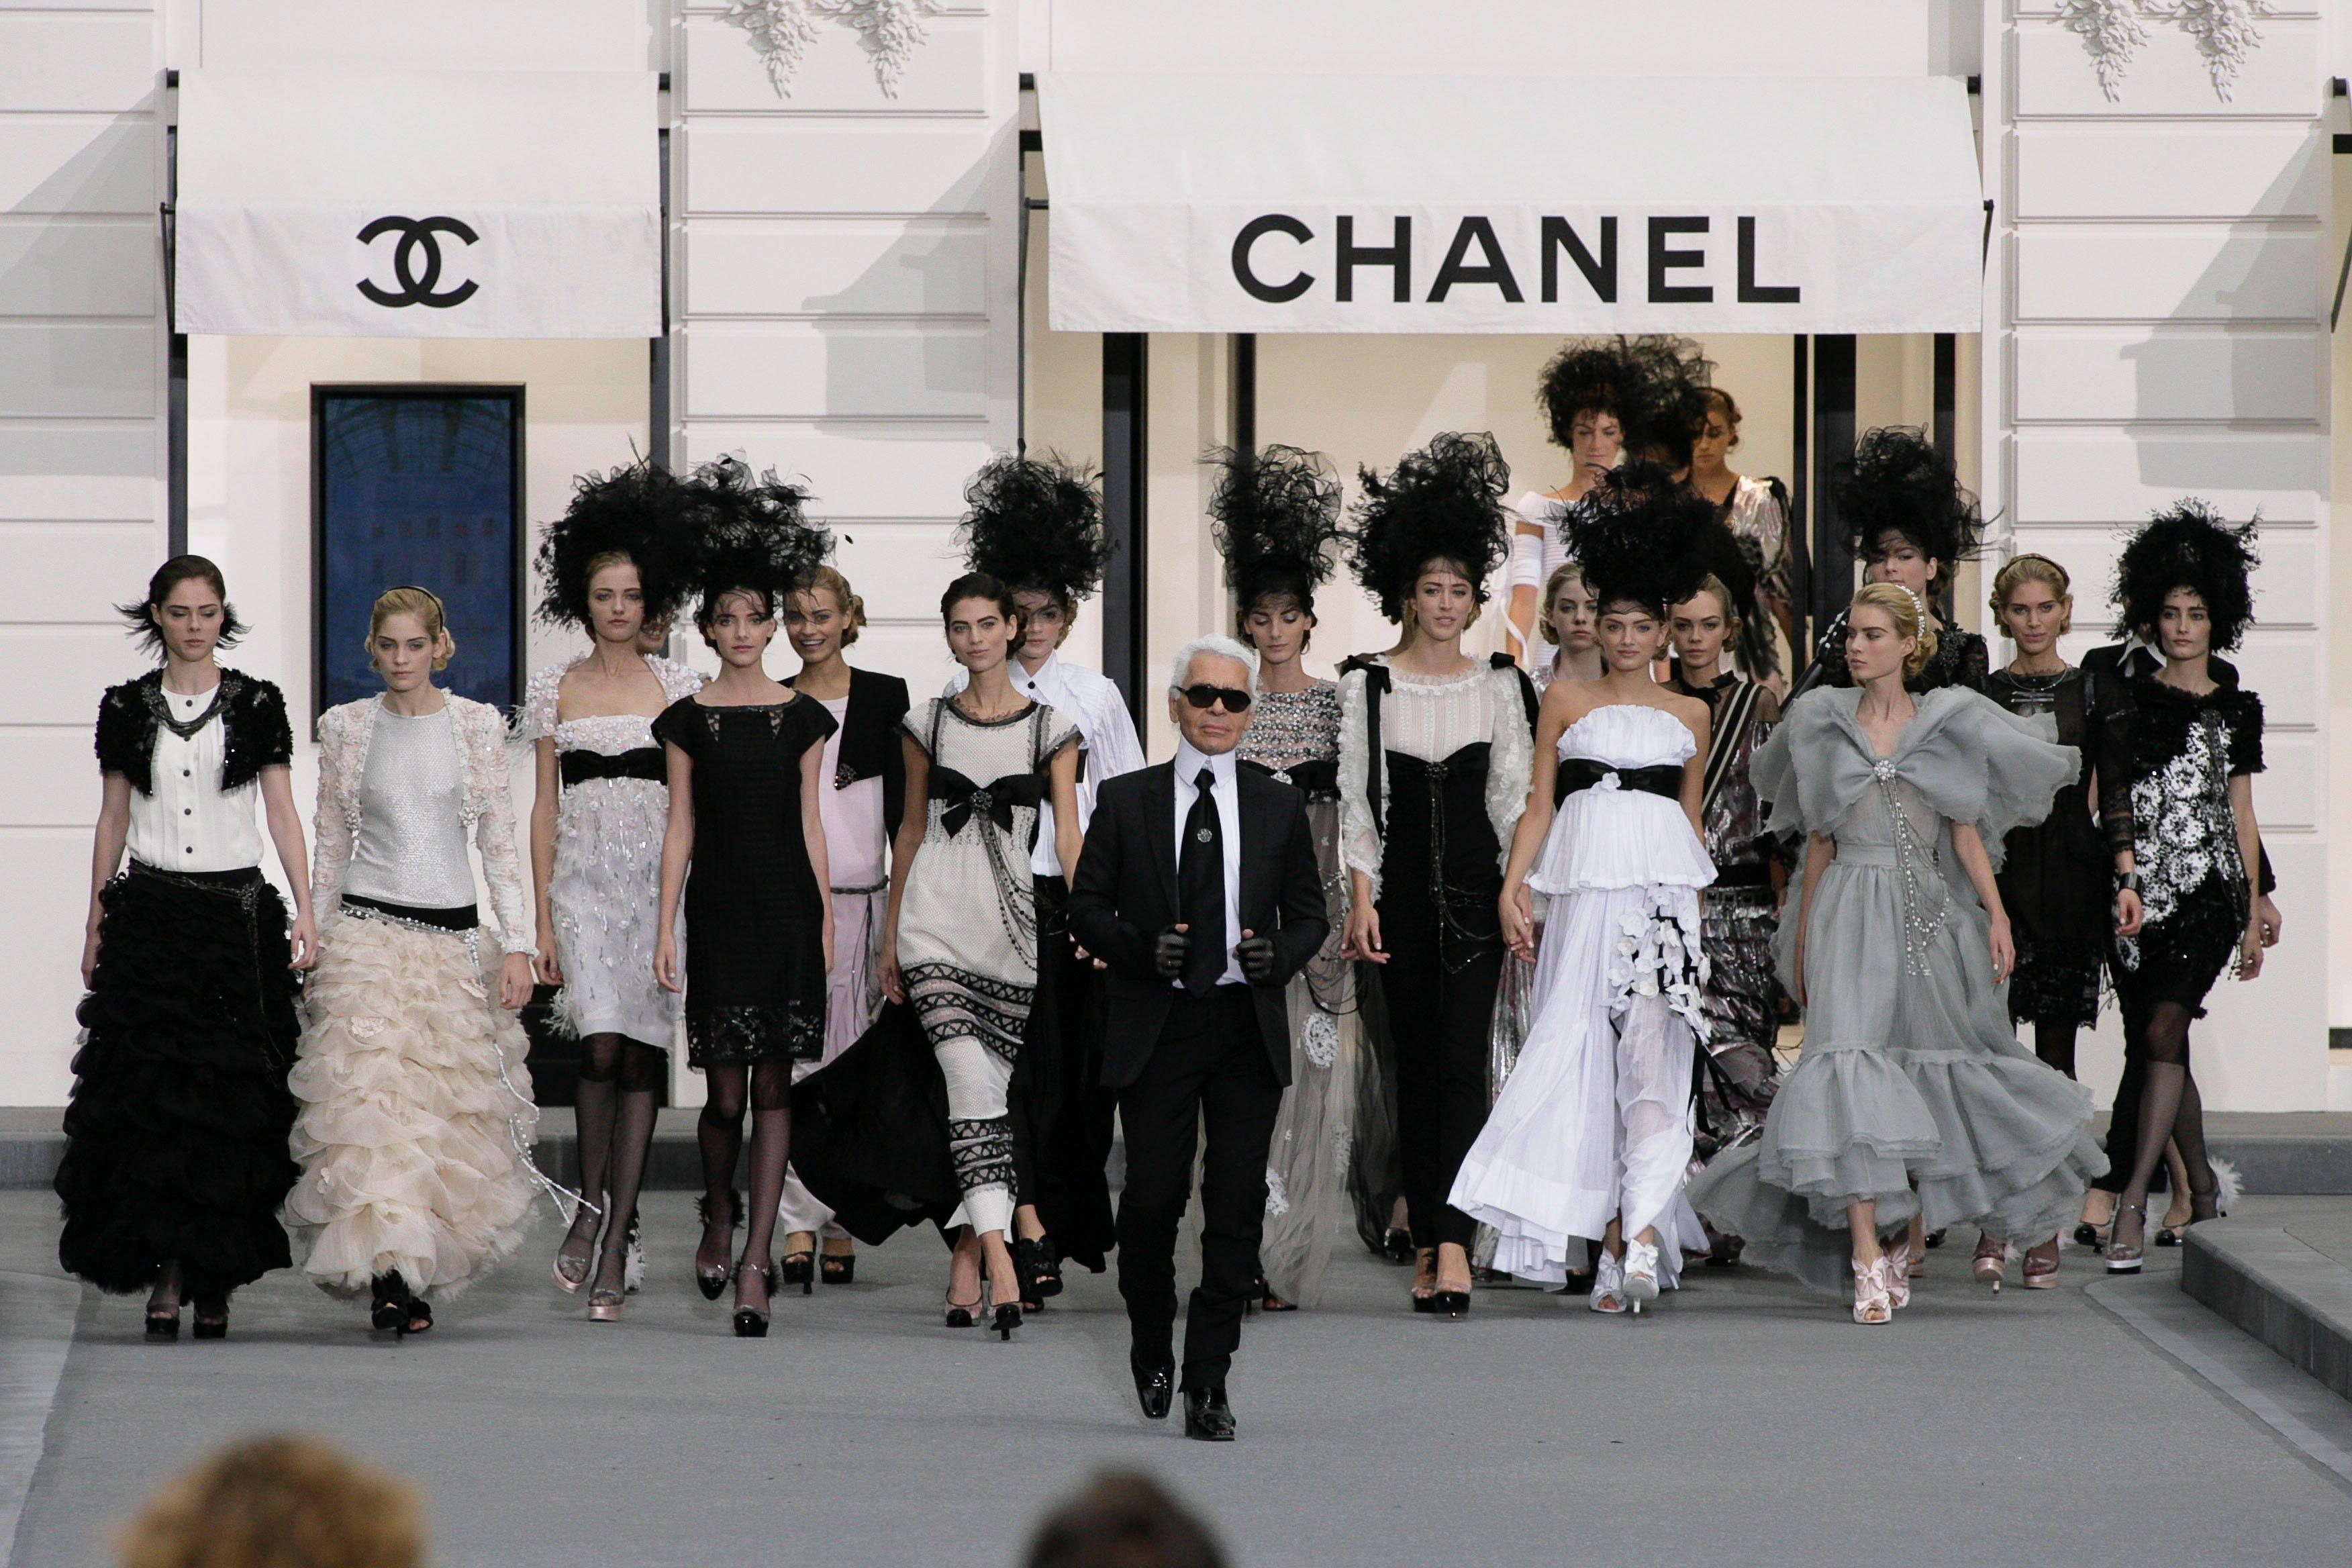 """chanel - """"Il vero lusso? L'intelligenza"""" - ricordando Karl Lagerfeld"""